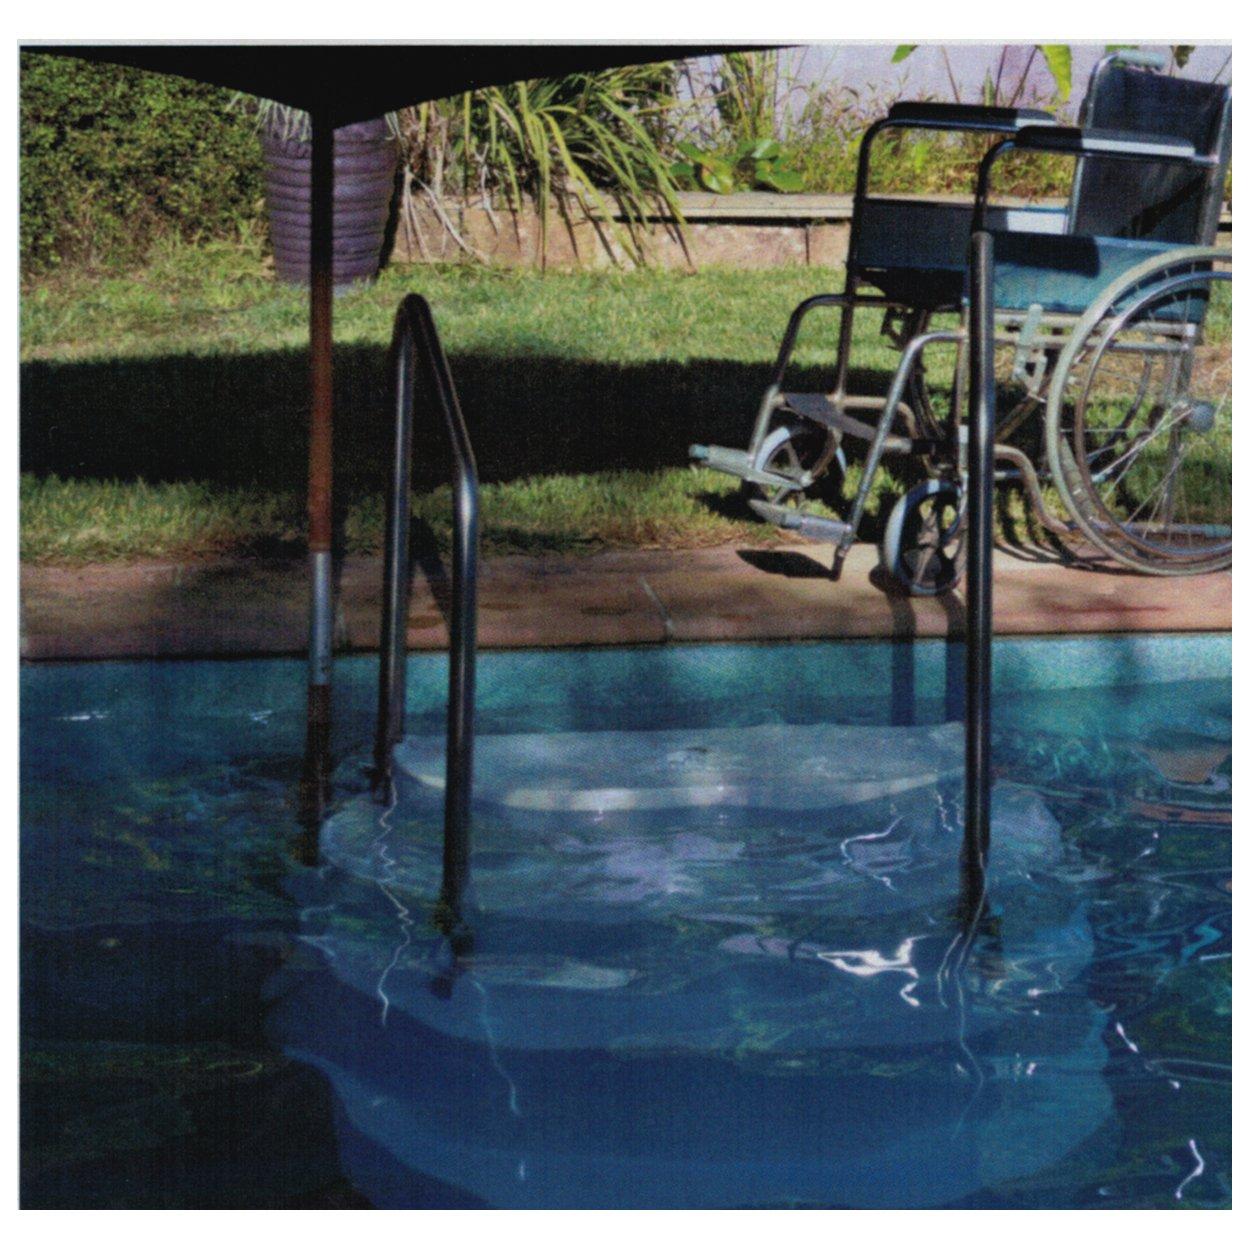 Aquastairs Swimming Pool Wedding Cake Steps Epools Pool Shop